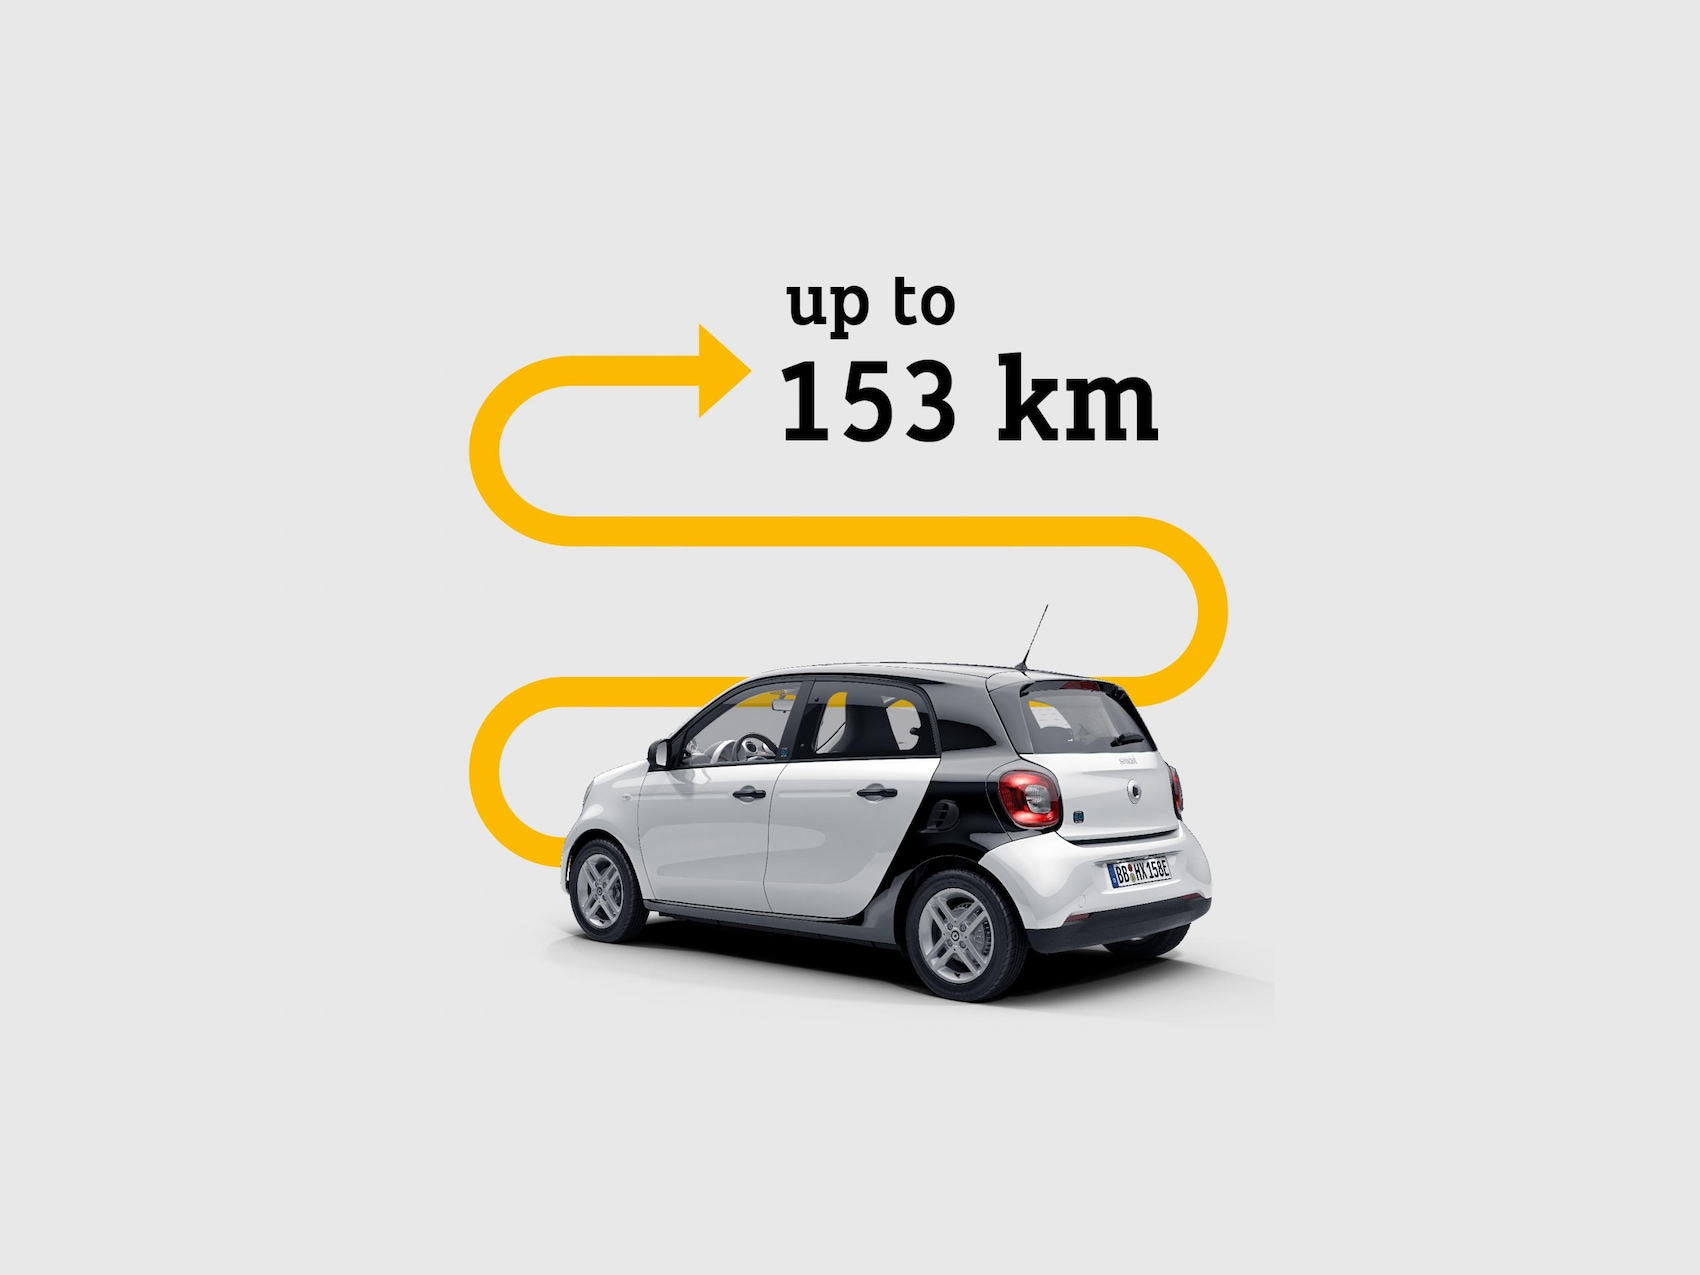 Un smart EQ forfour sobre el que una flecha hace alusión a la autonomía de 153 km.